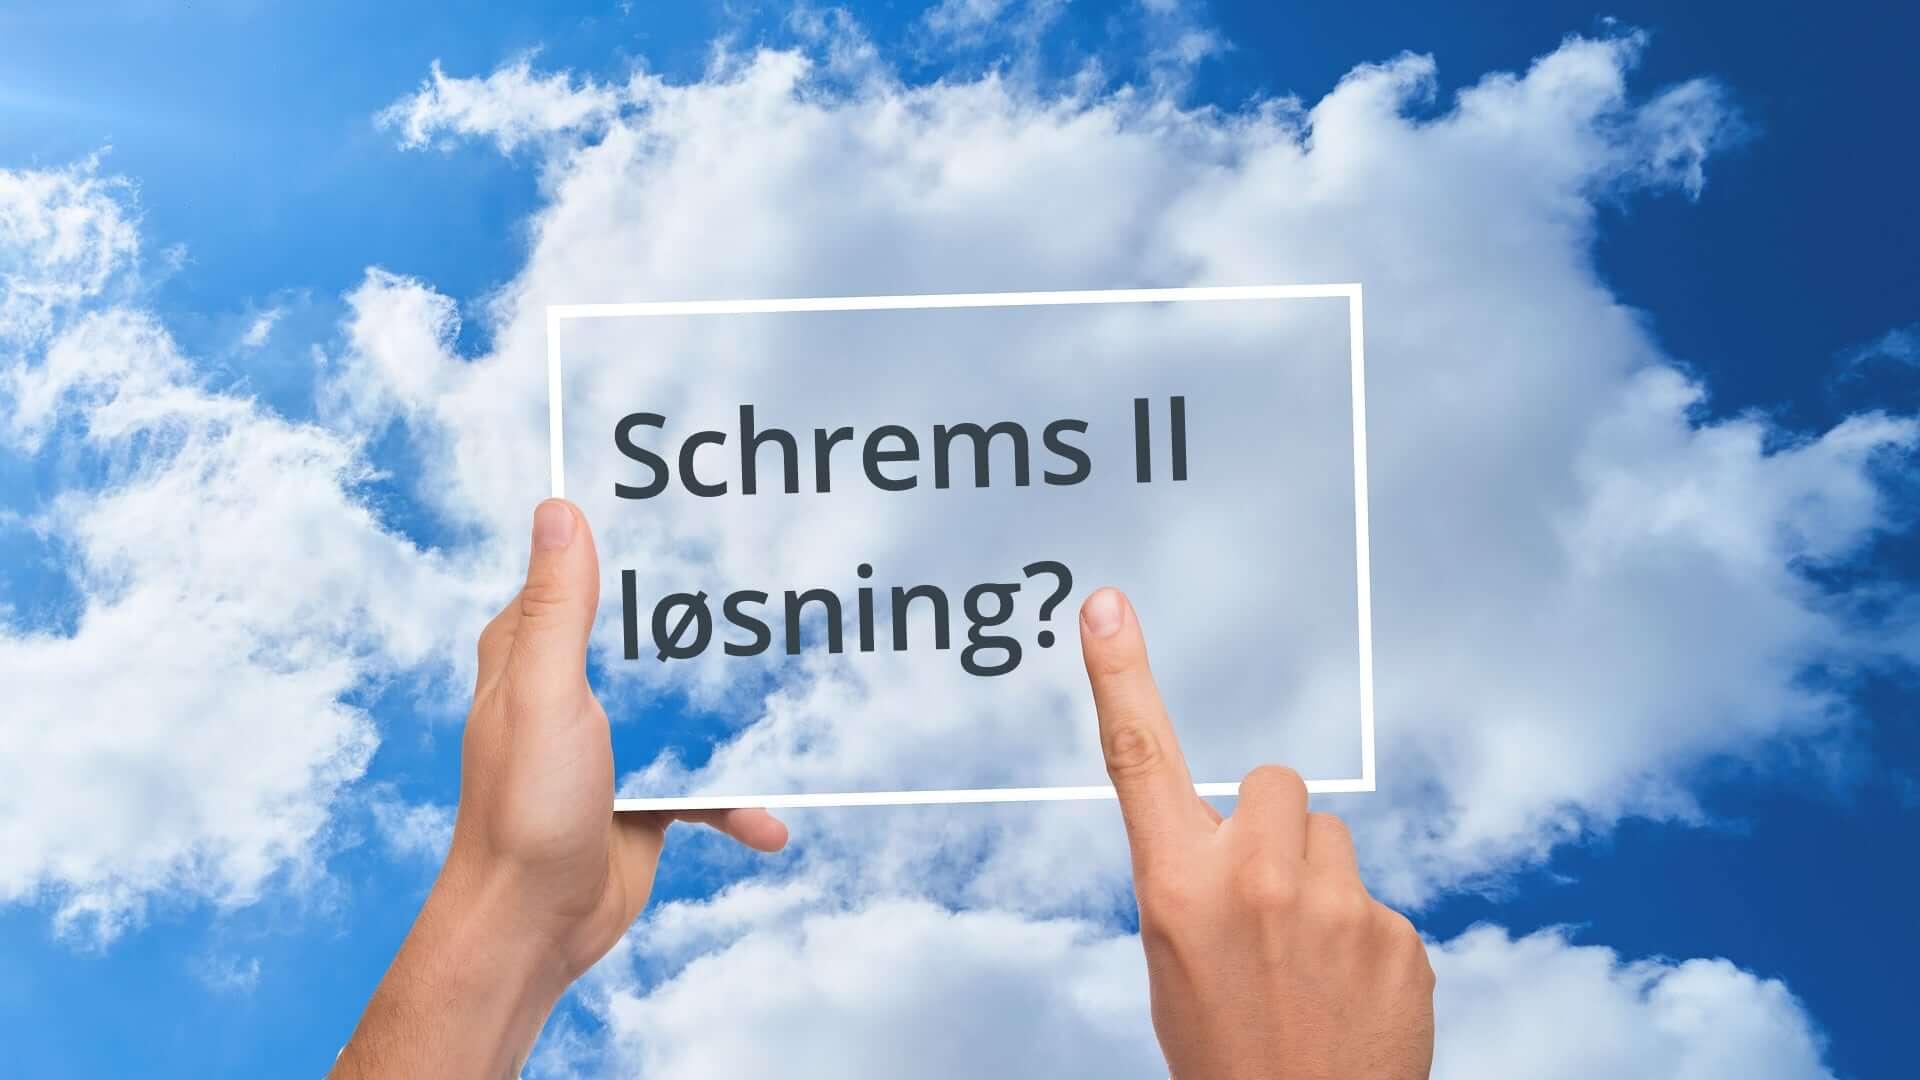 Schrems II løsning skrevet i ramme mot blå himmel med skyer